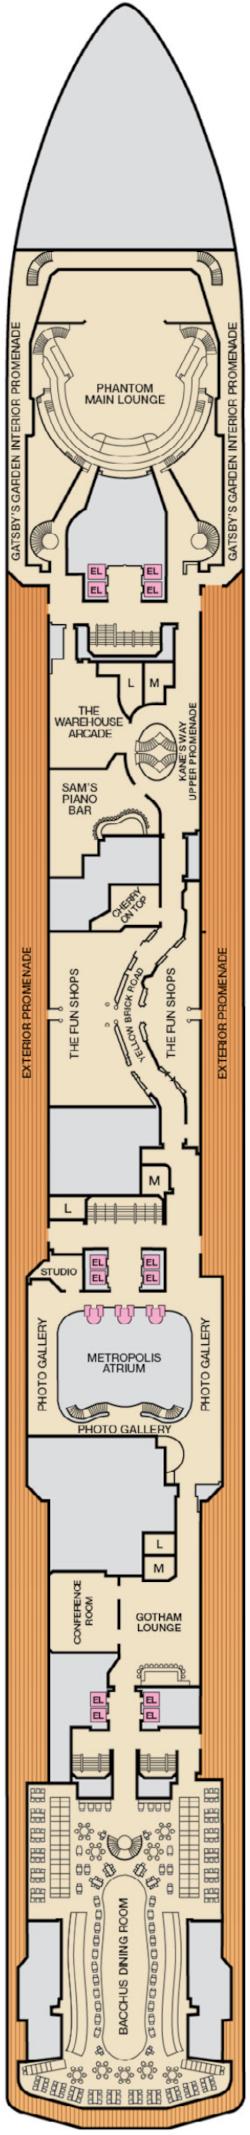 Carnival Miracle Atlantic Deck Deck Plan